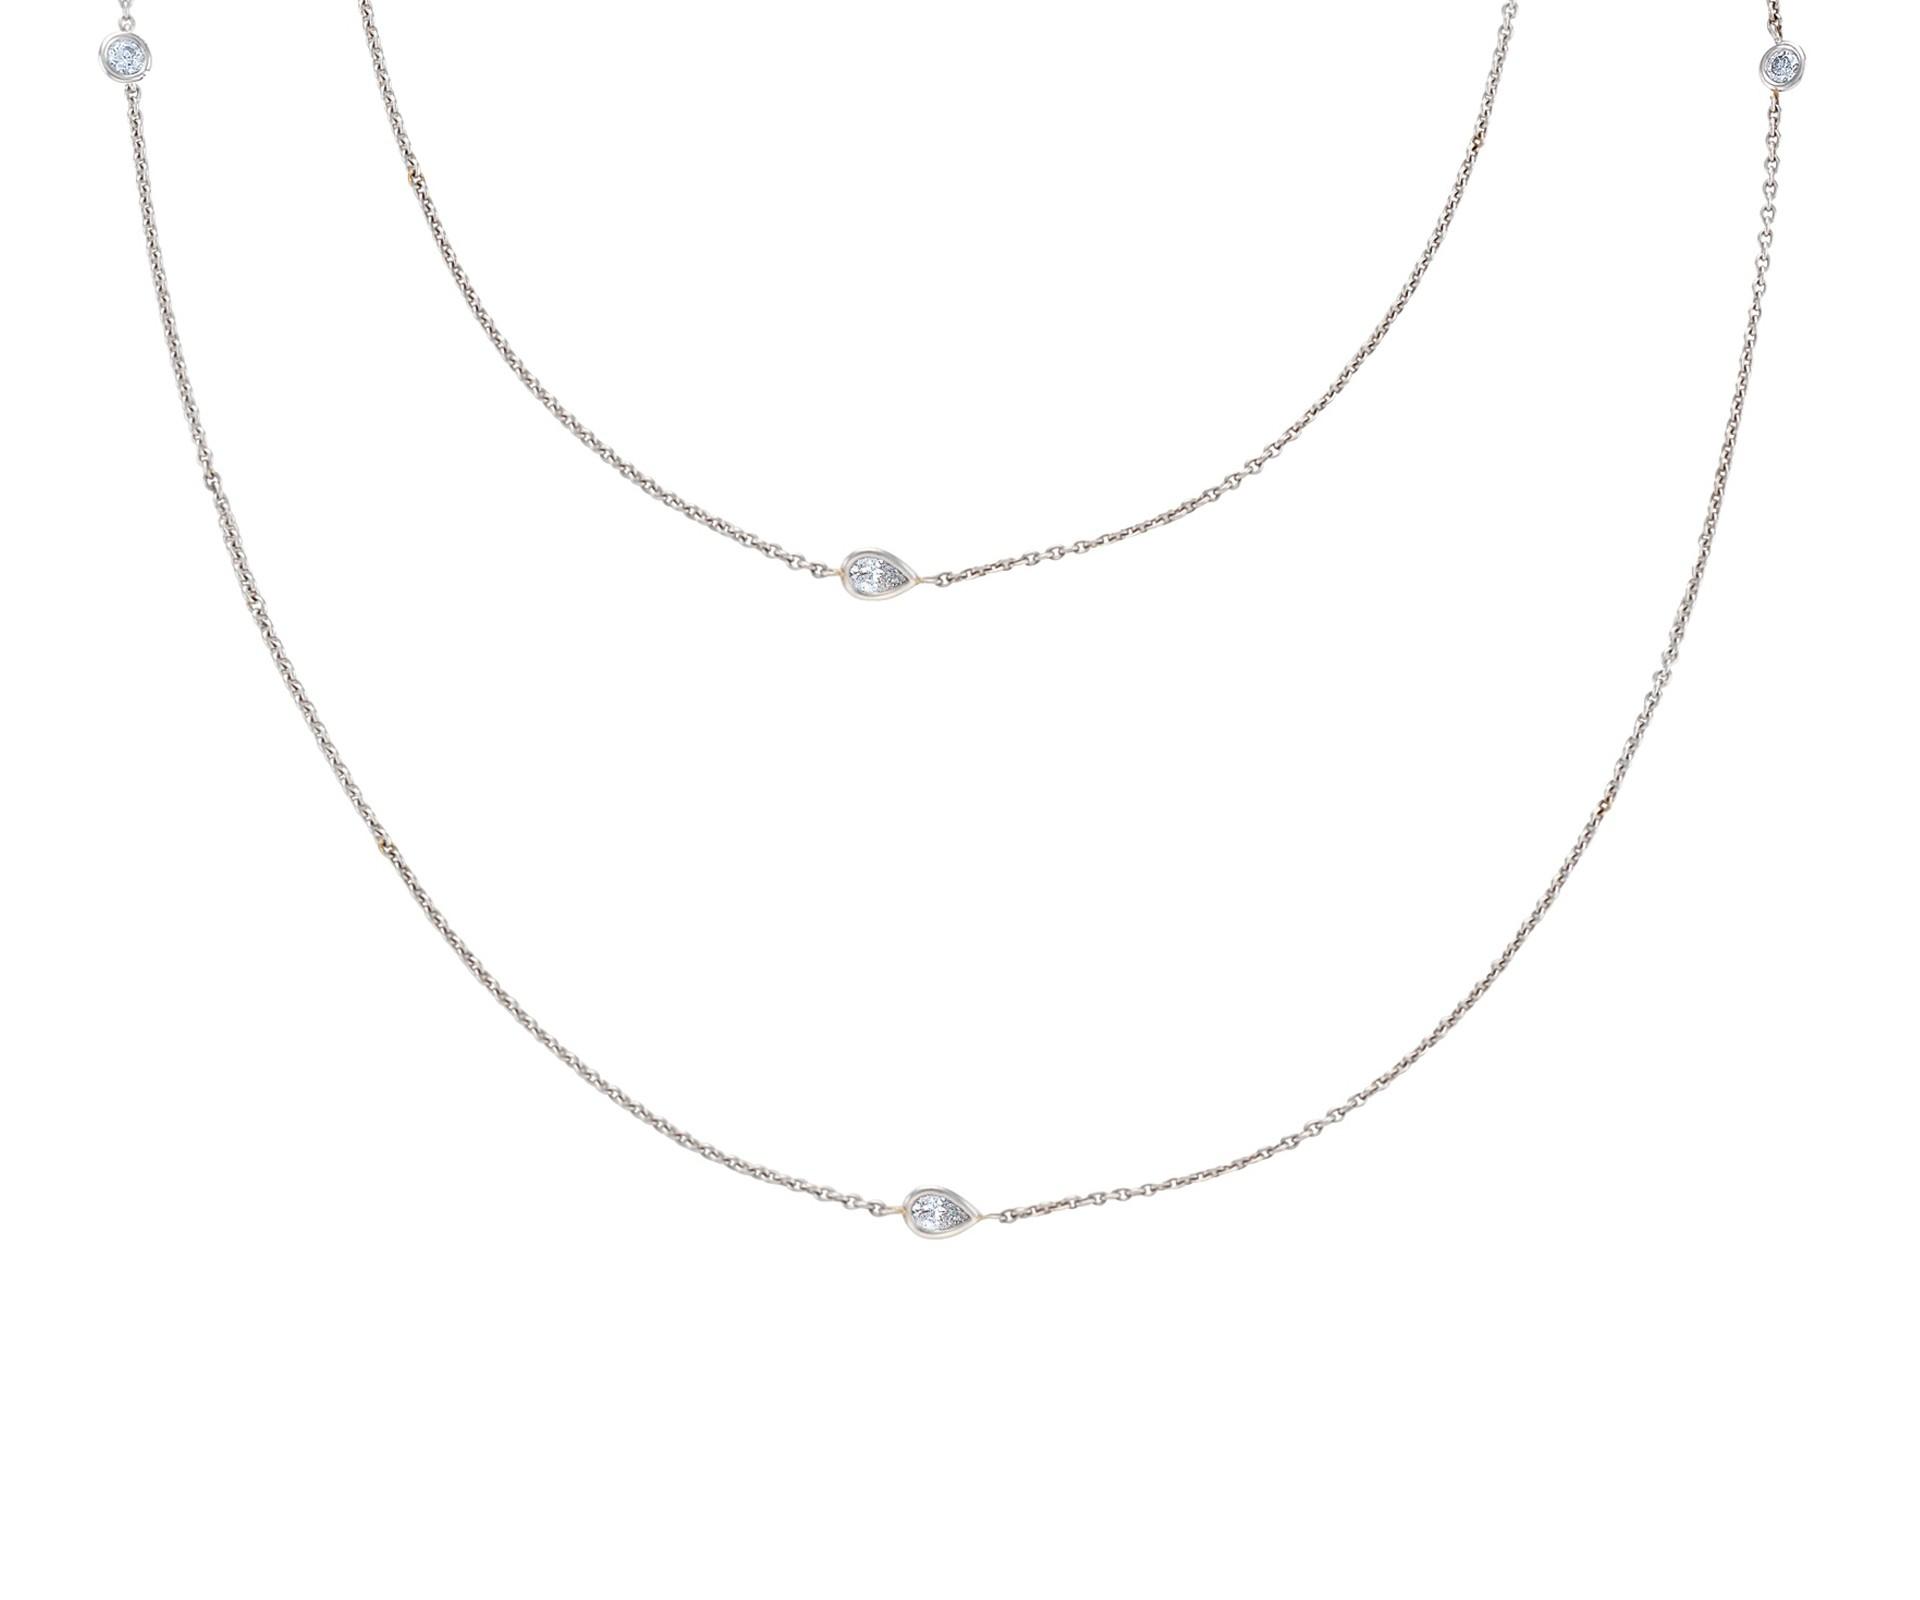 Clea Sautoir White Gold Diamond Necklace | De Beers Pertaining To 2019 White Gold Diamond Sautoir Necklaces (View 4 of 25)